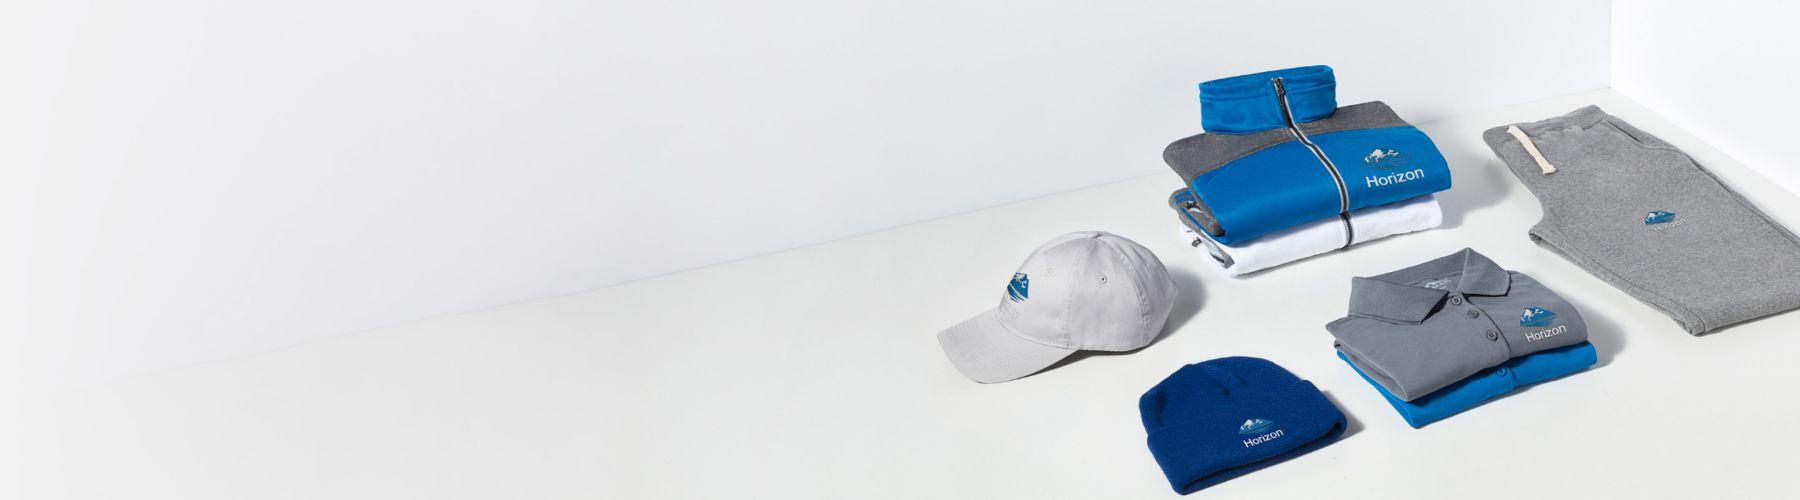 Individuelle Bekleidung – tragen Sie Ihr Logo mit Stolz mit personalisierten T-Shirts, Polohemden und mehr.